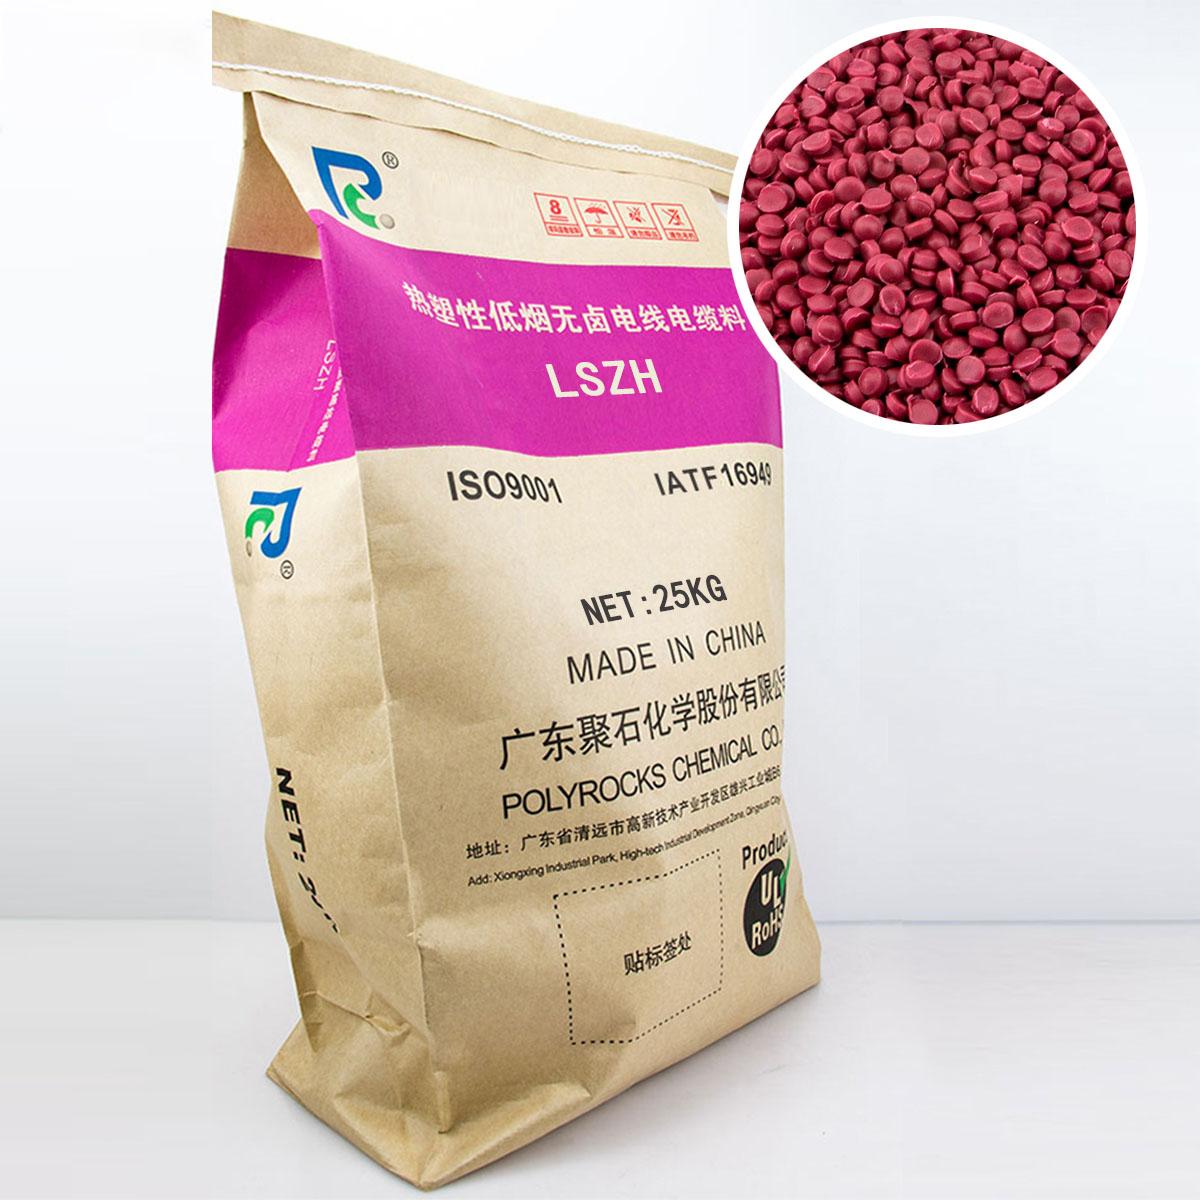 低烟无卤电缆料在广东厂家聚石化学直销